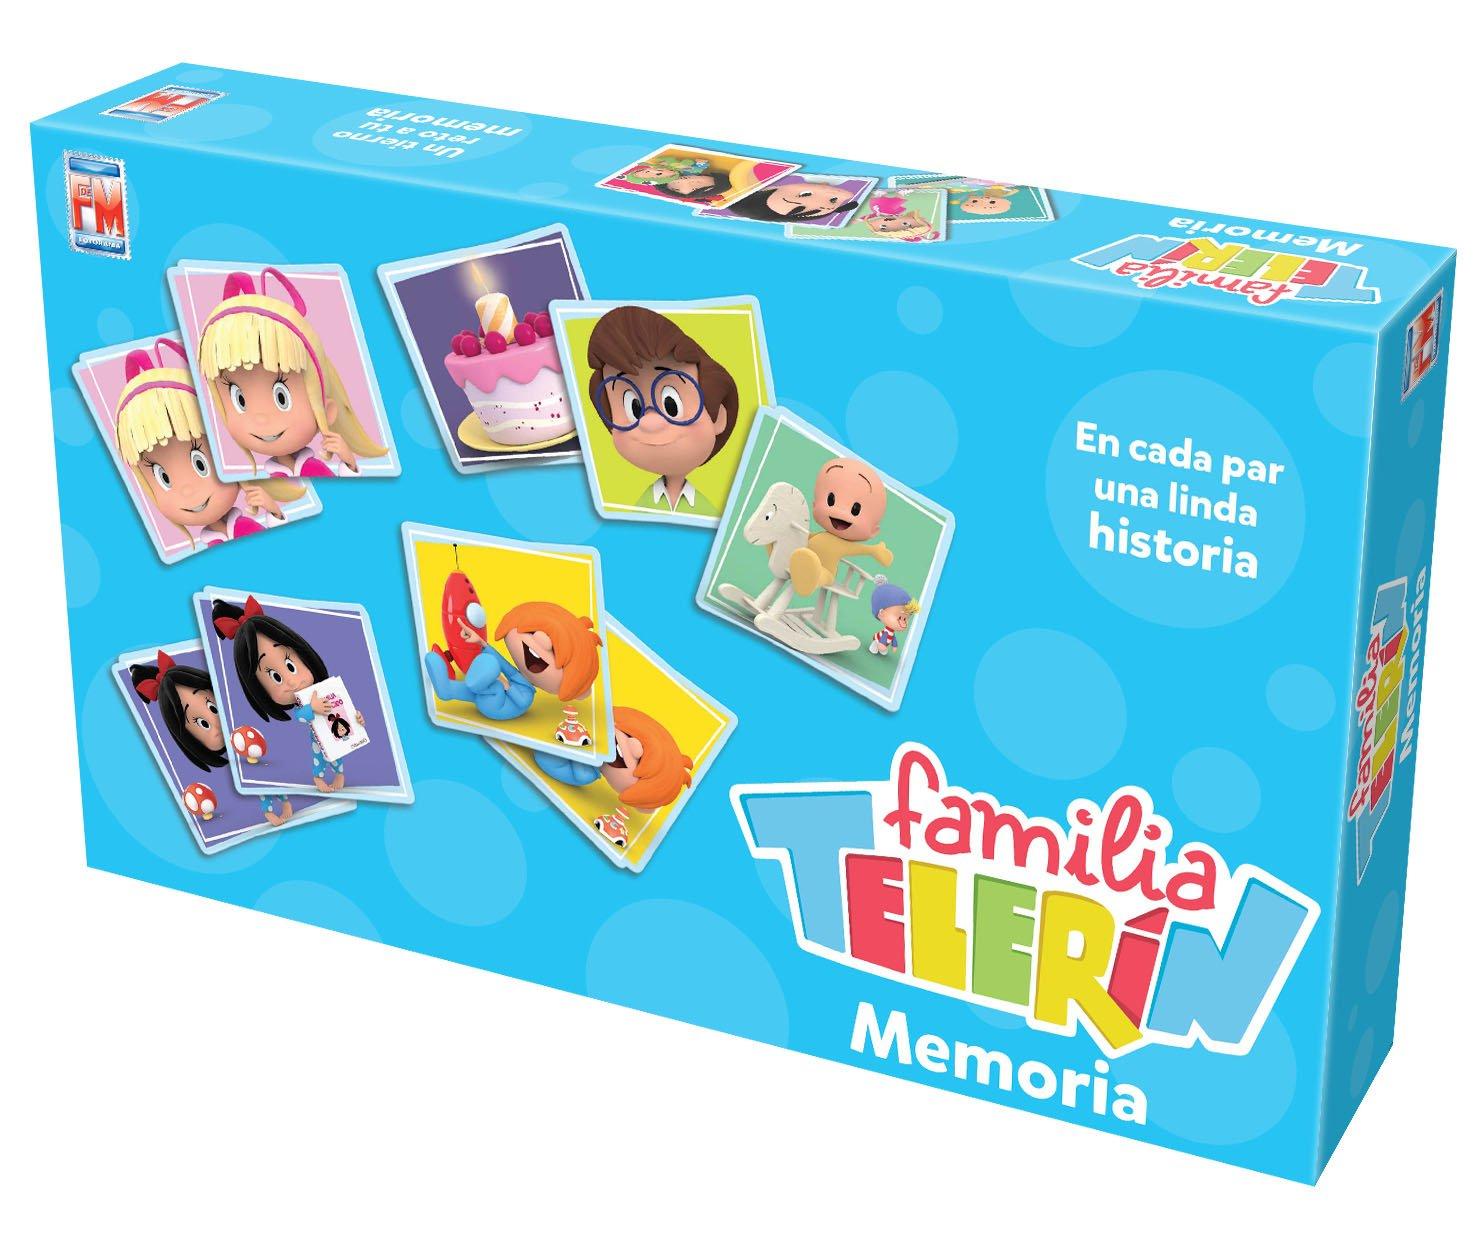 Televisa Juego De Mesa Memoria Familia Teler N Amazon Com Mx  # Muebles Cuquins